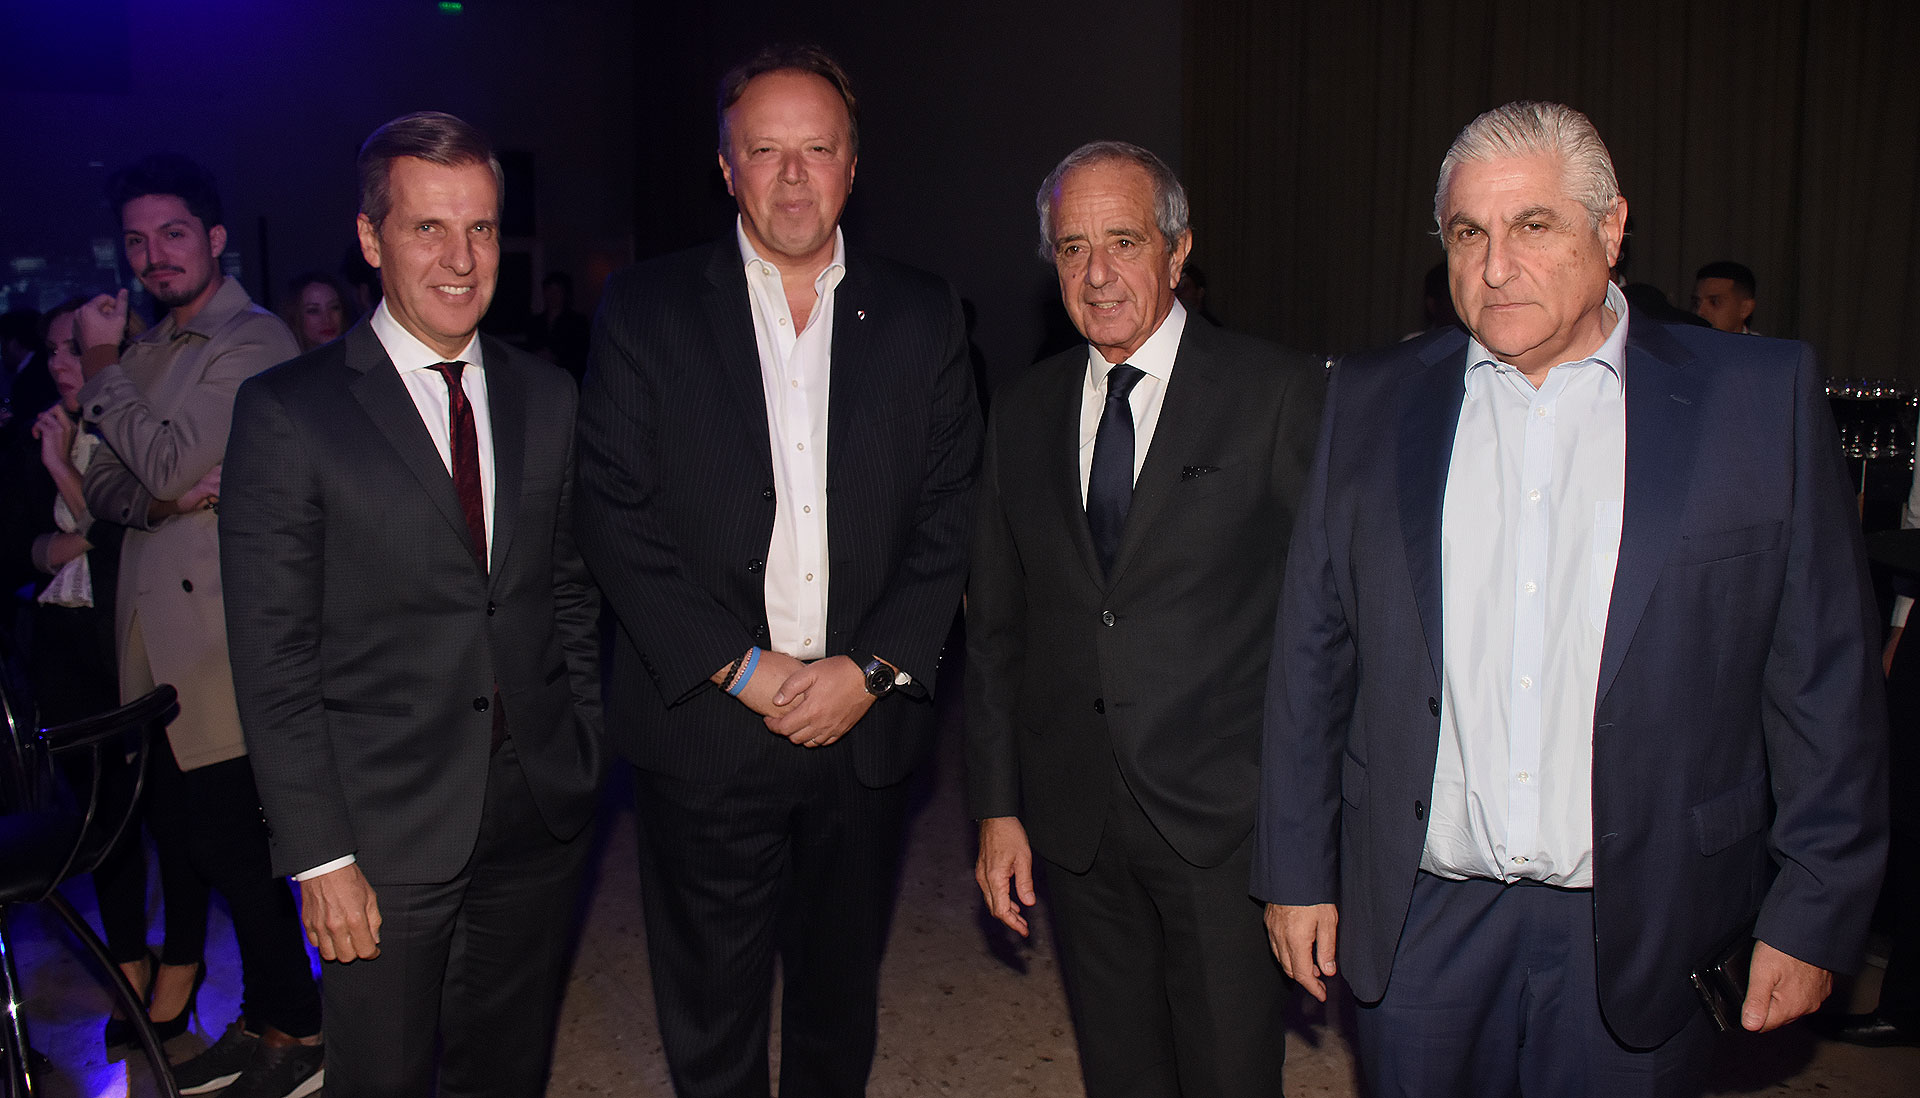 El ex presidente del Banco Central, Martín Redrado; el presidente del Banco de Valores, Juan Ignacio Nápoli; el presidente de River Plate, Rodolfo D'Onofrio, y Enrique Schuman